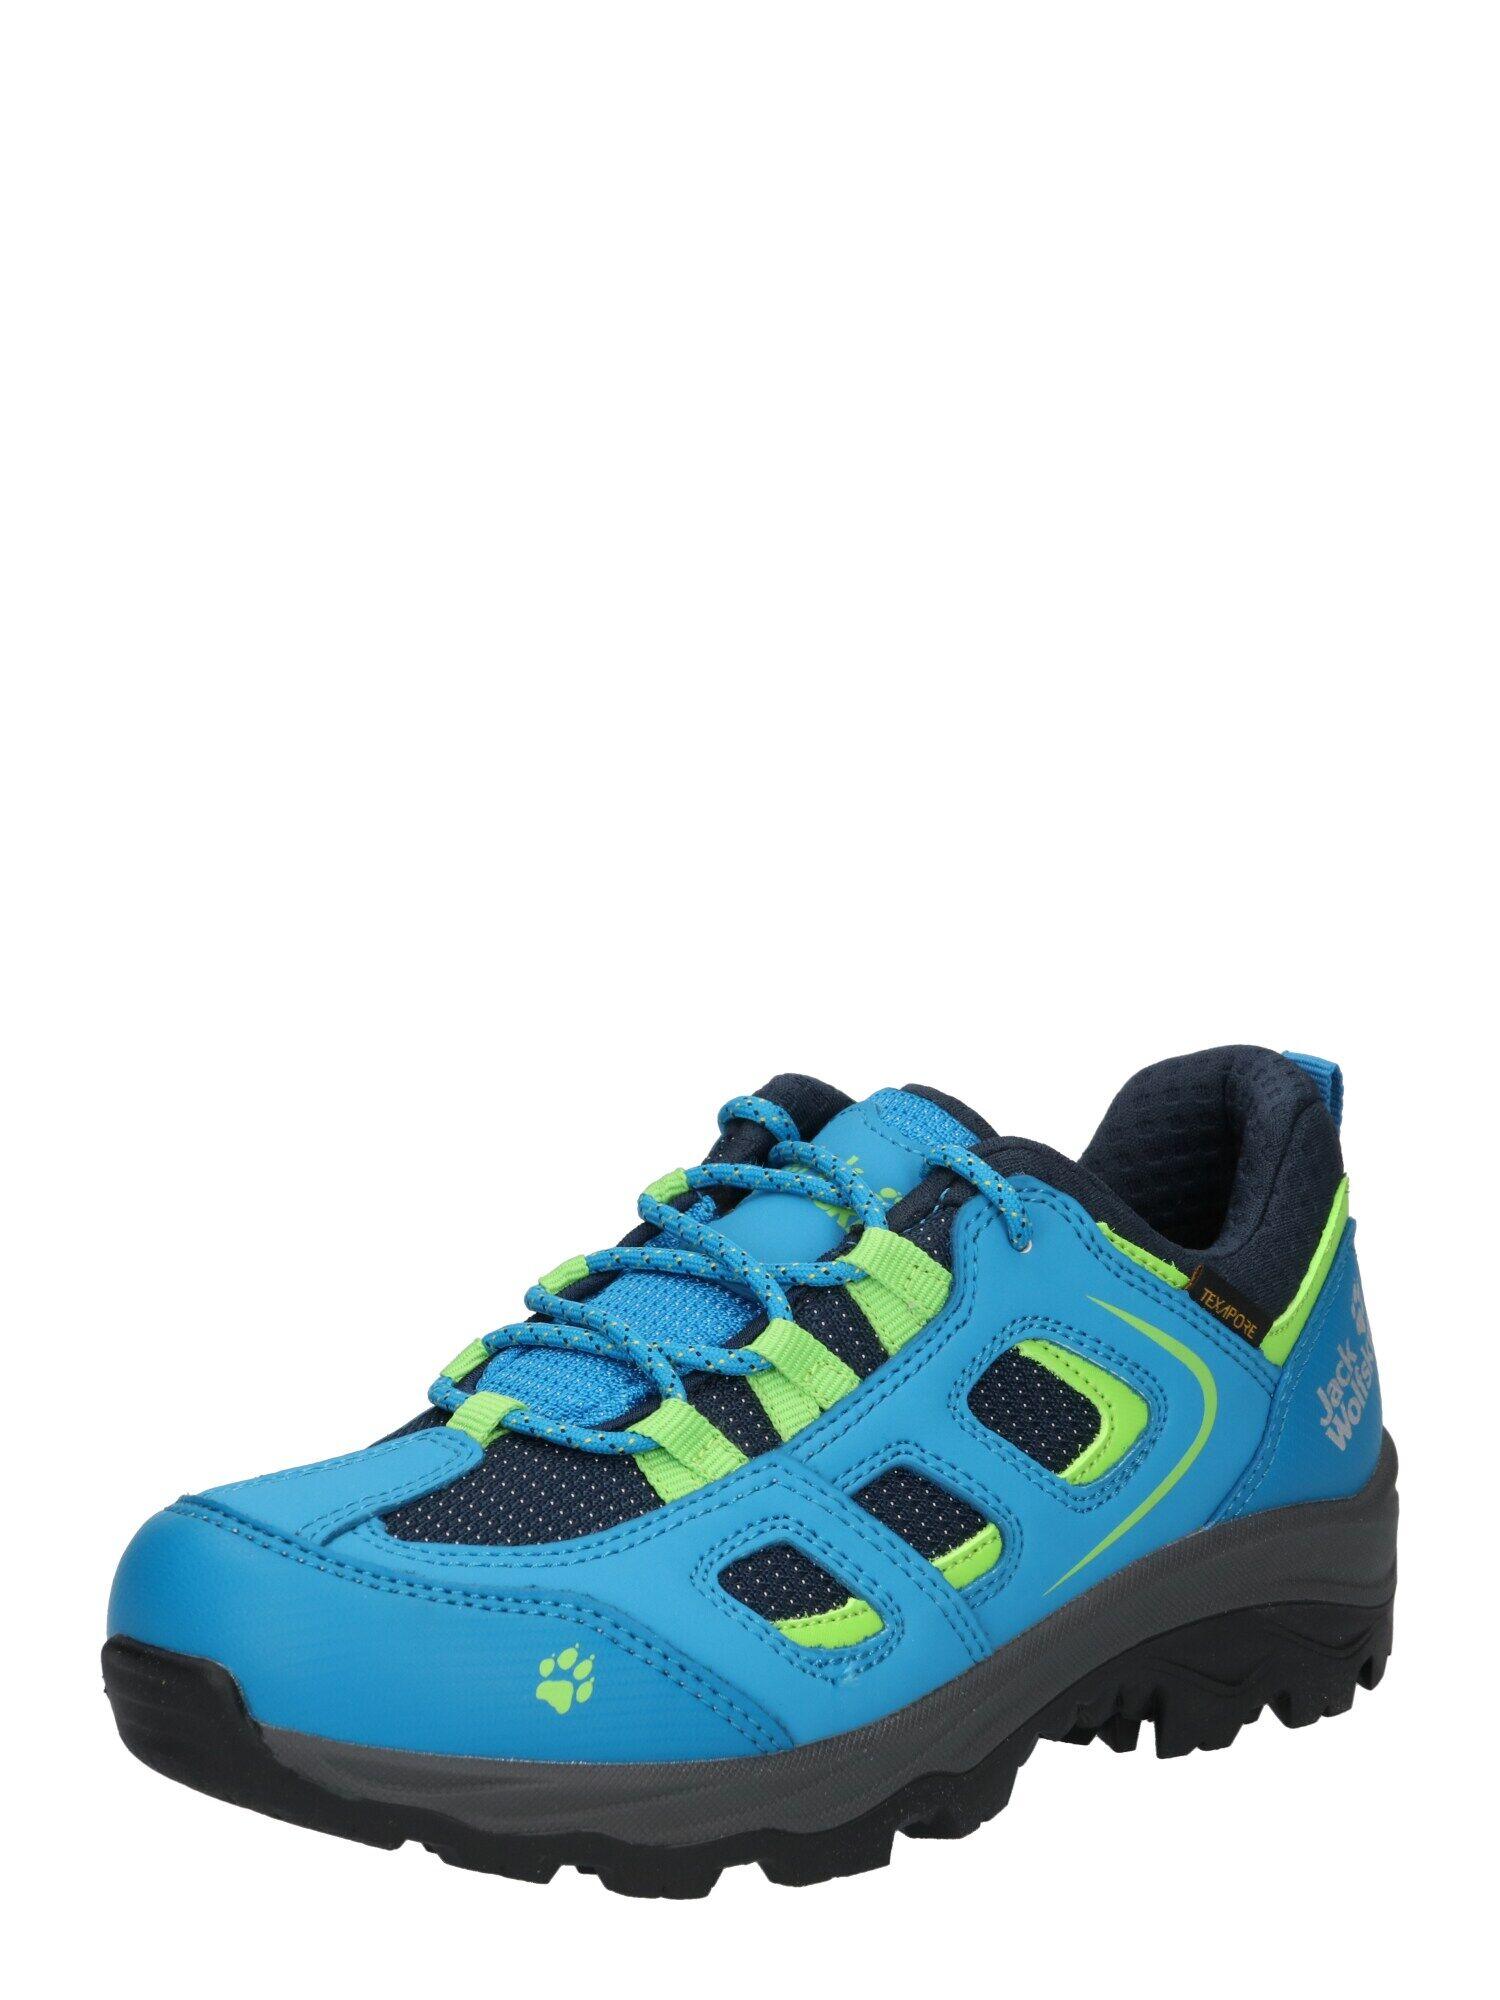 JACK WOLFSKIN Chaussures basses  - Bleu - Taille: 26 - boy